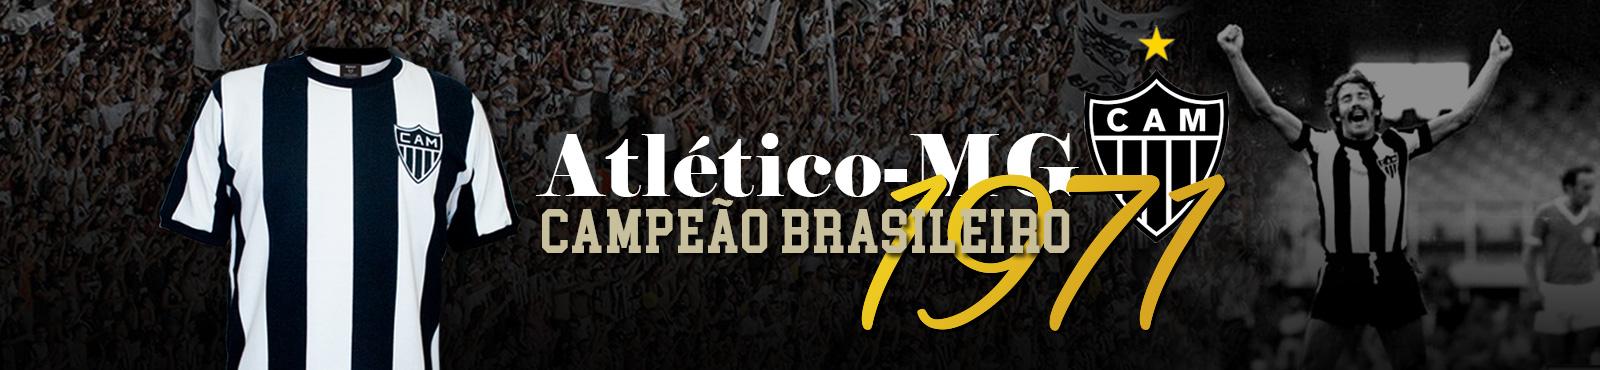 Atlético-MG 1971